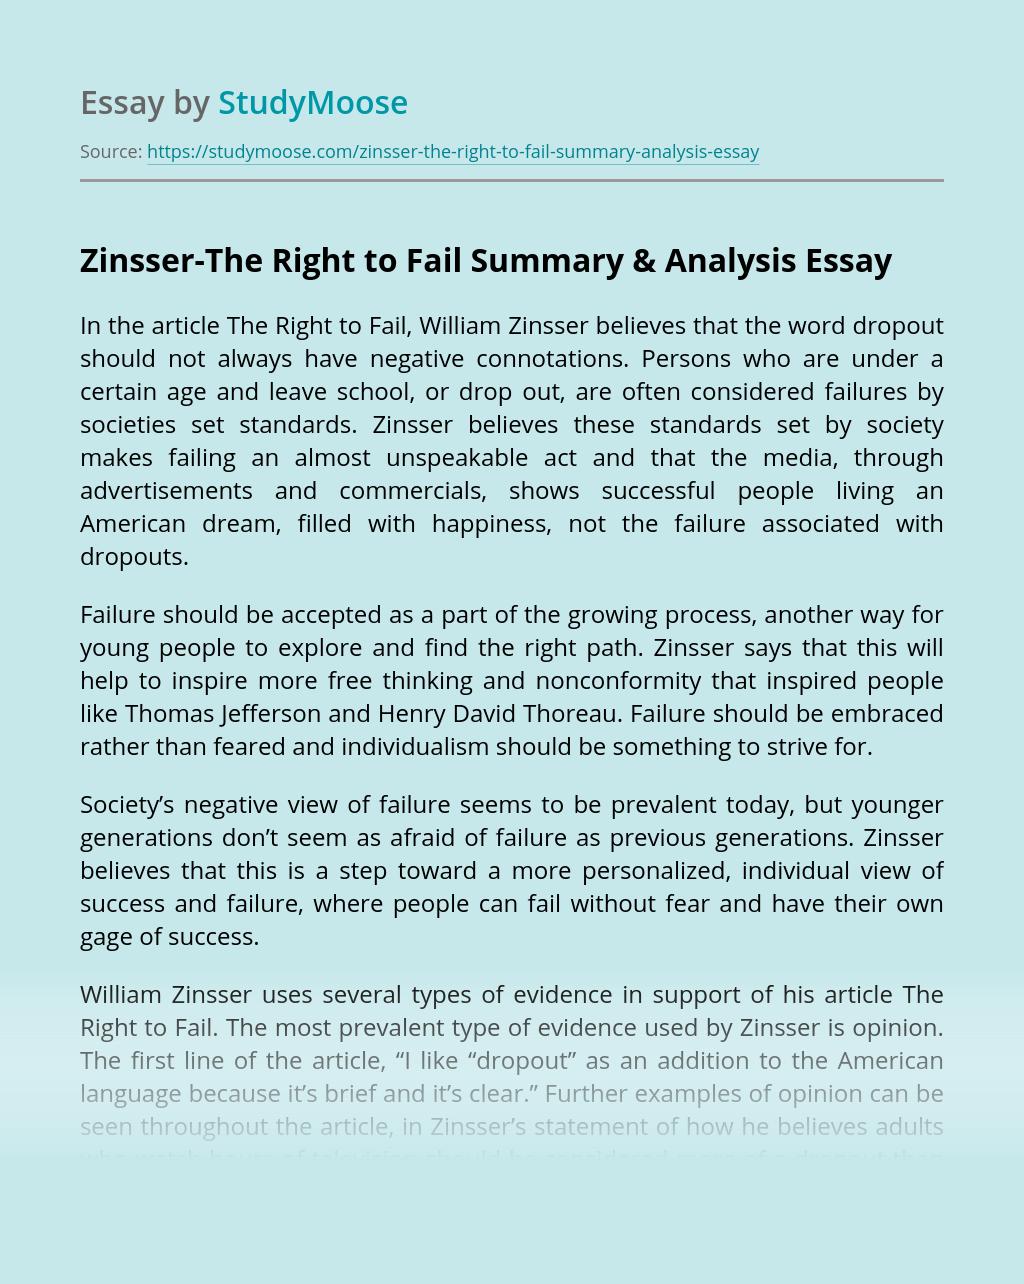 Zinsser-The Right to Fail Summary & Analysis